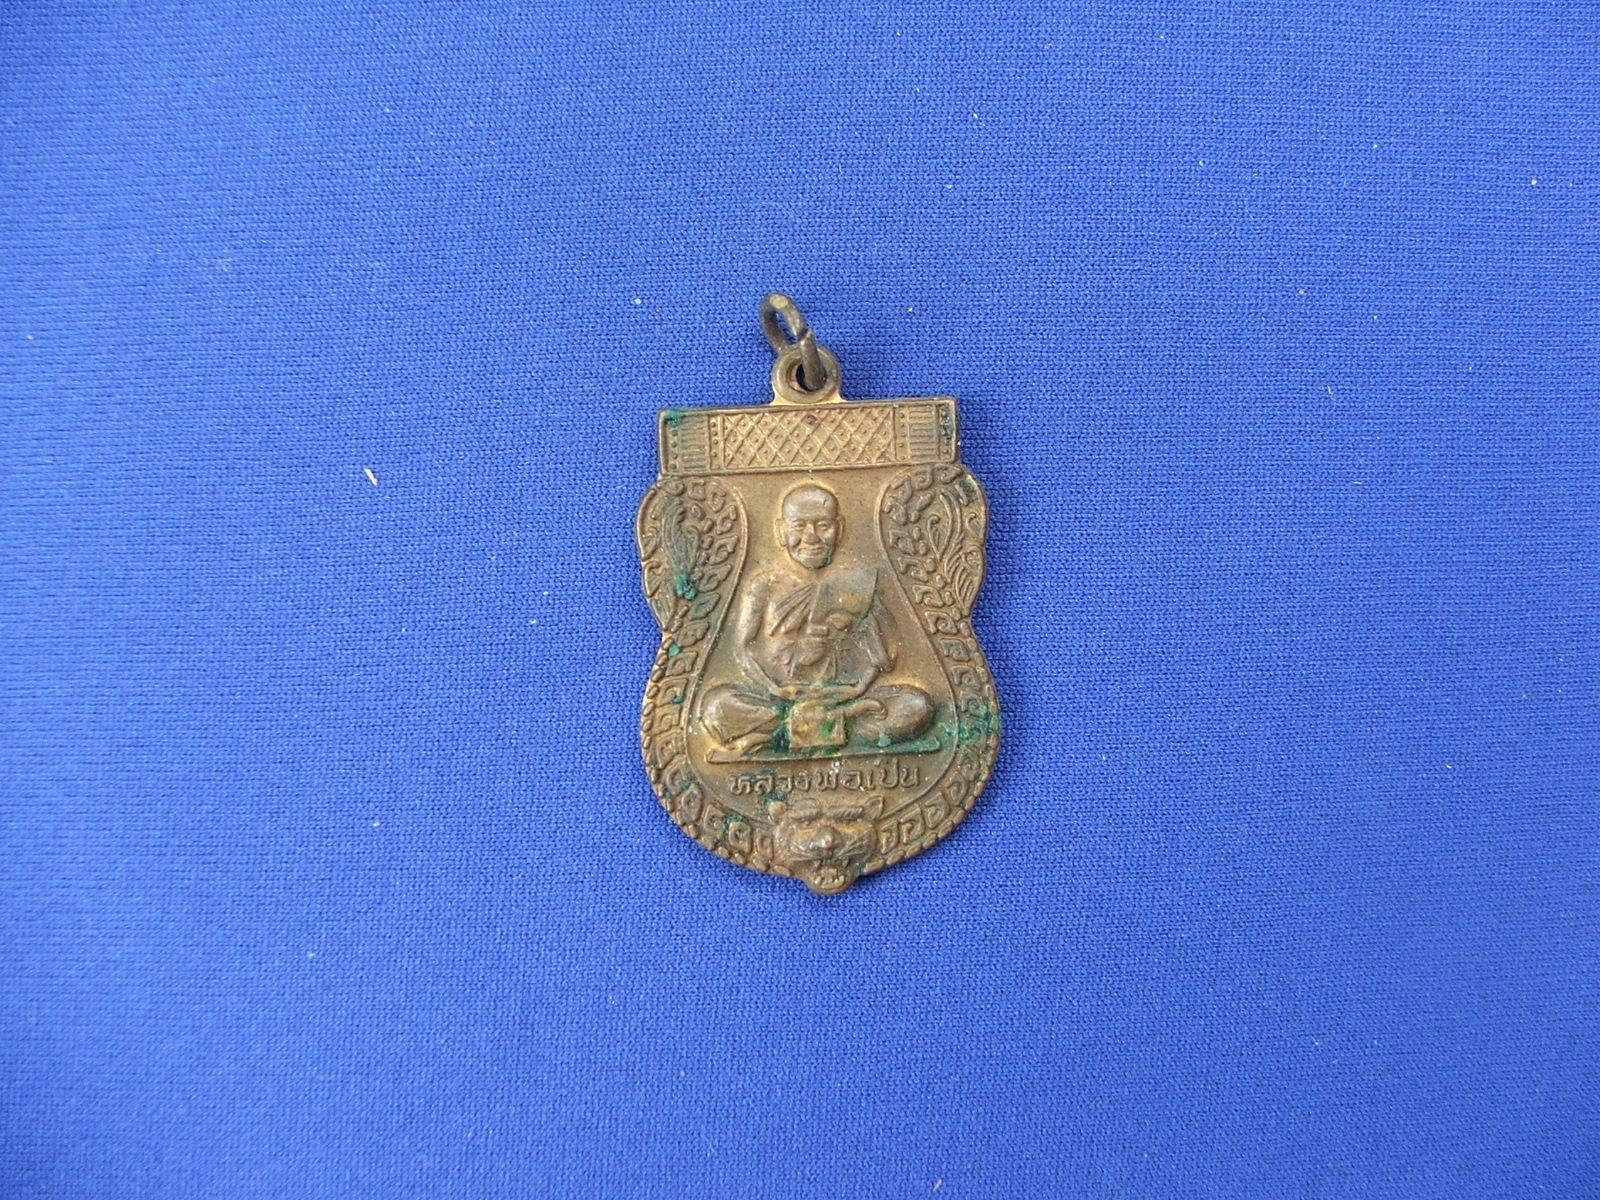 เหรียญหลวงพ่อเปิ่น วัดบางพระ จ.นครปฐม พ.ศ.๒๕๔๑